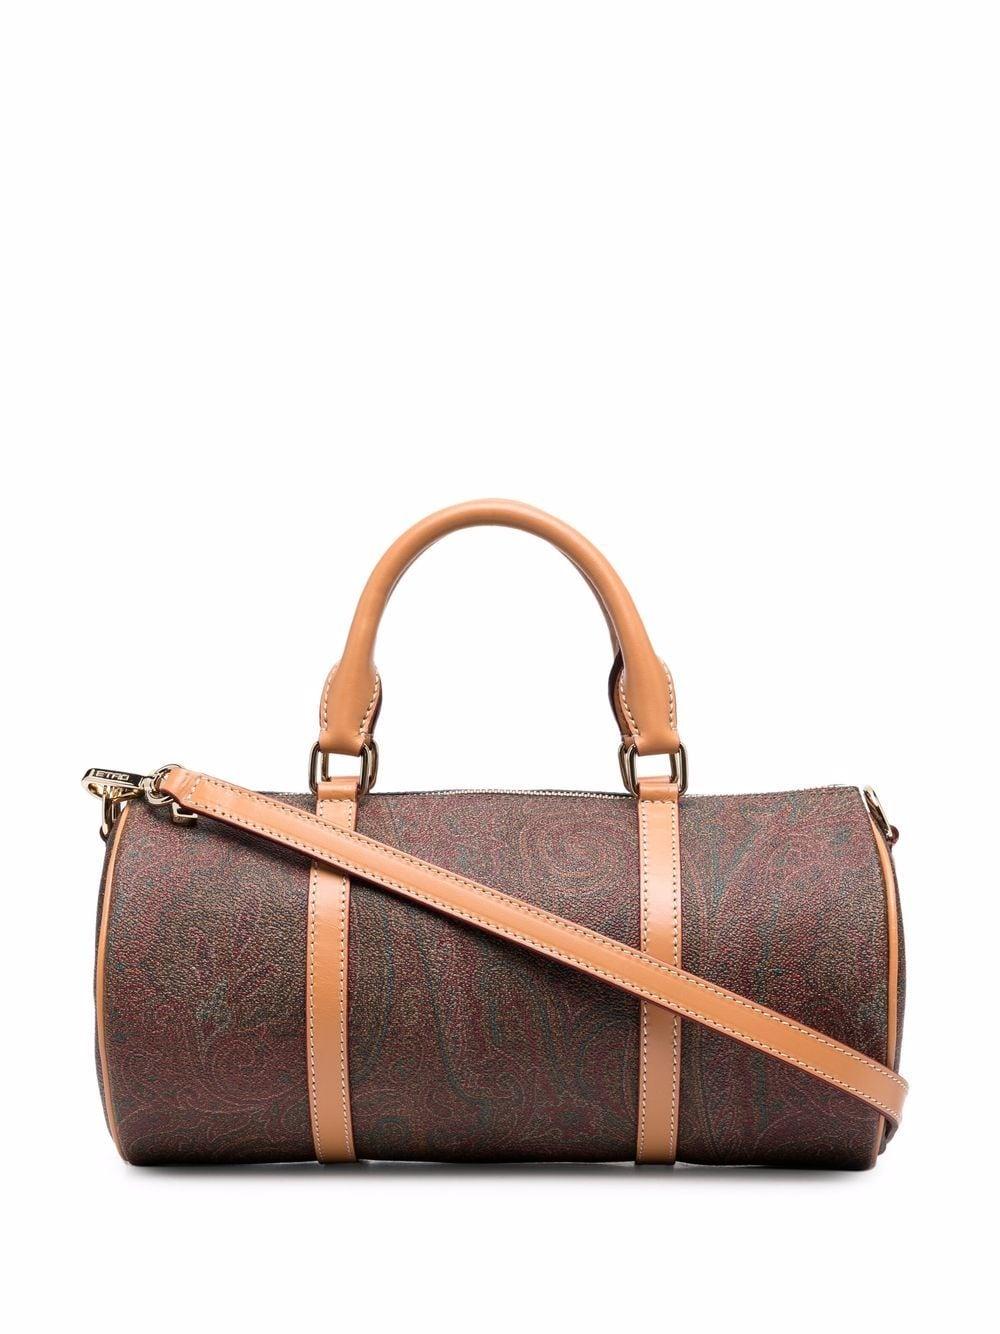 Etro Zylinderförmige Handtasche mit Paisley-Print - Braun